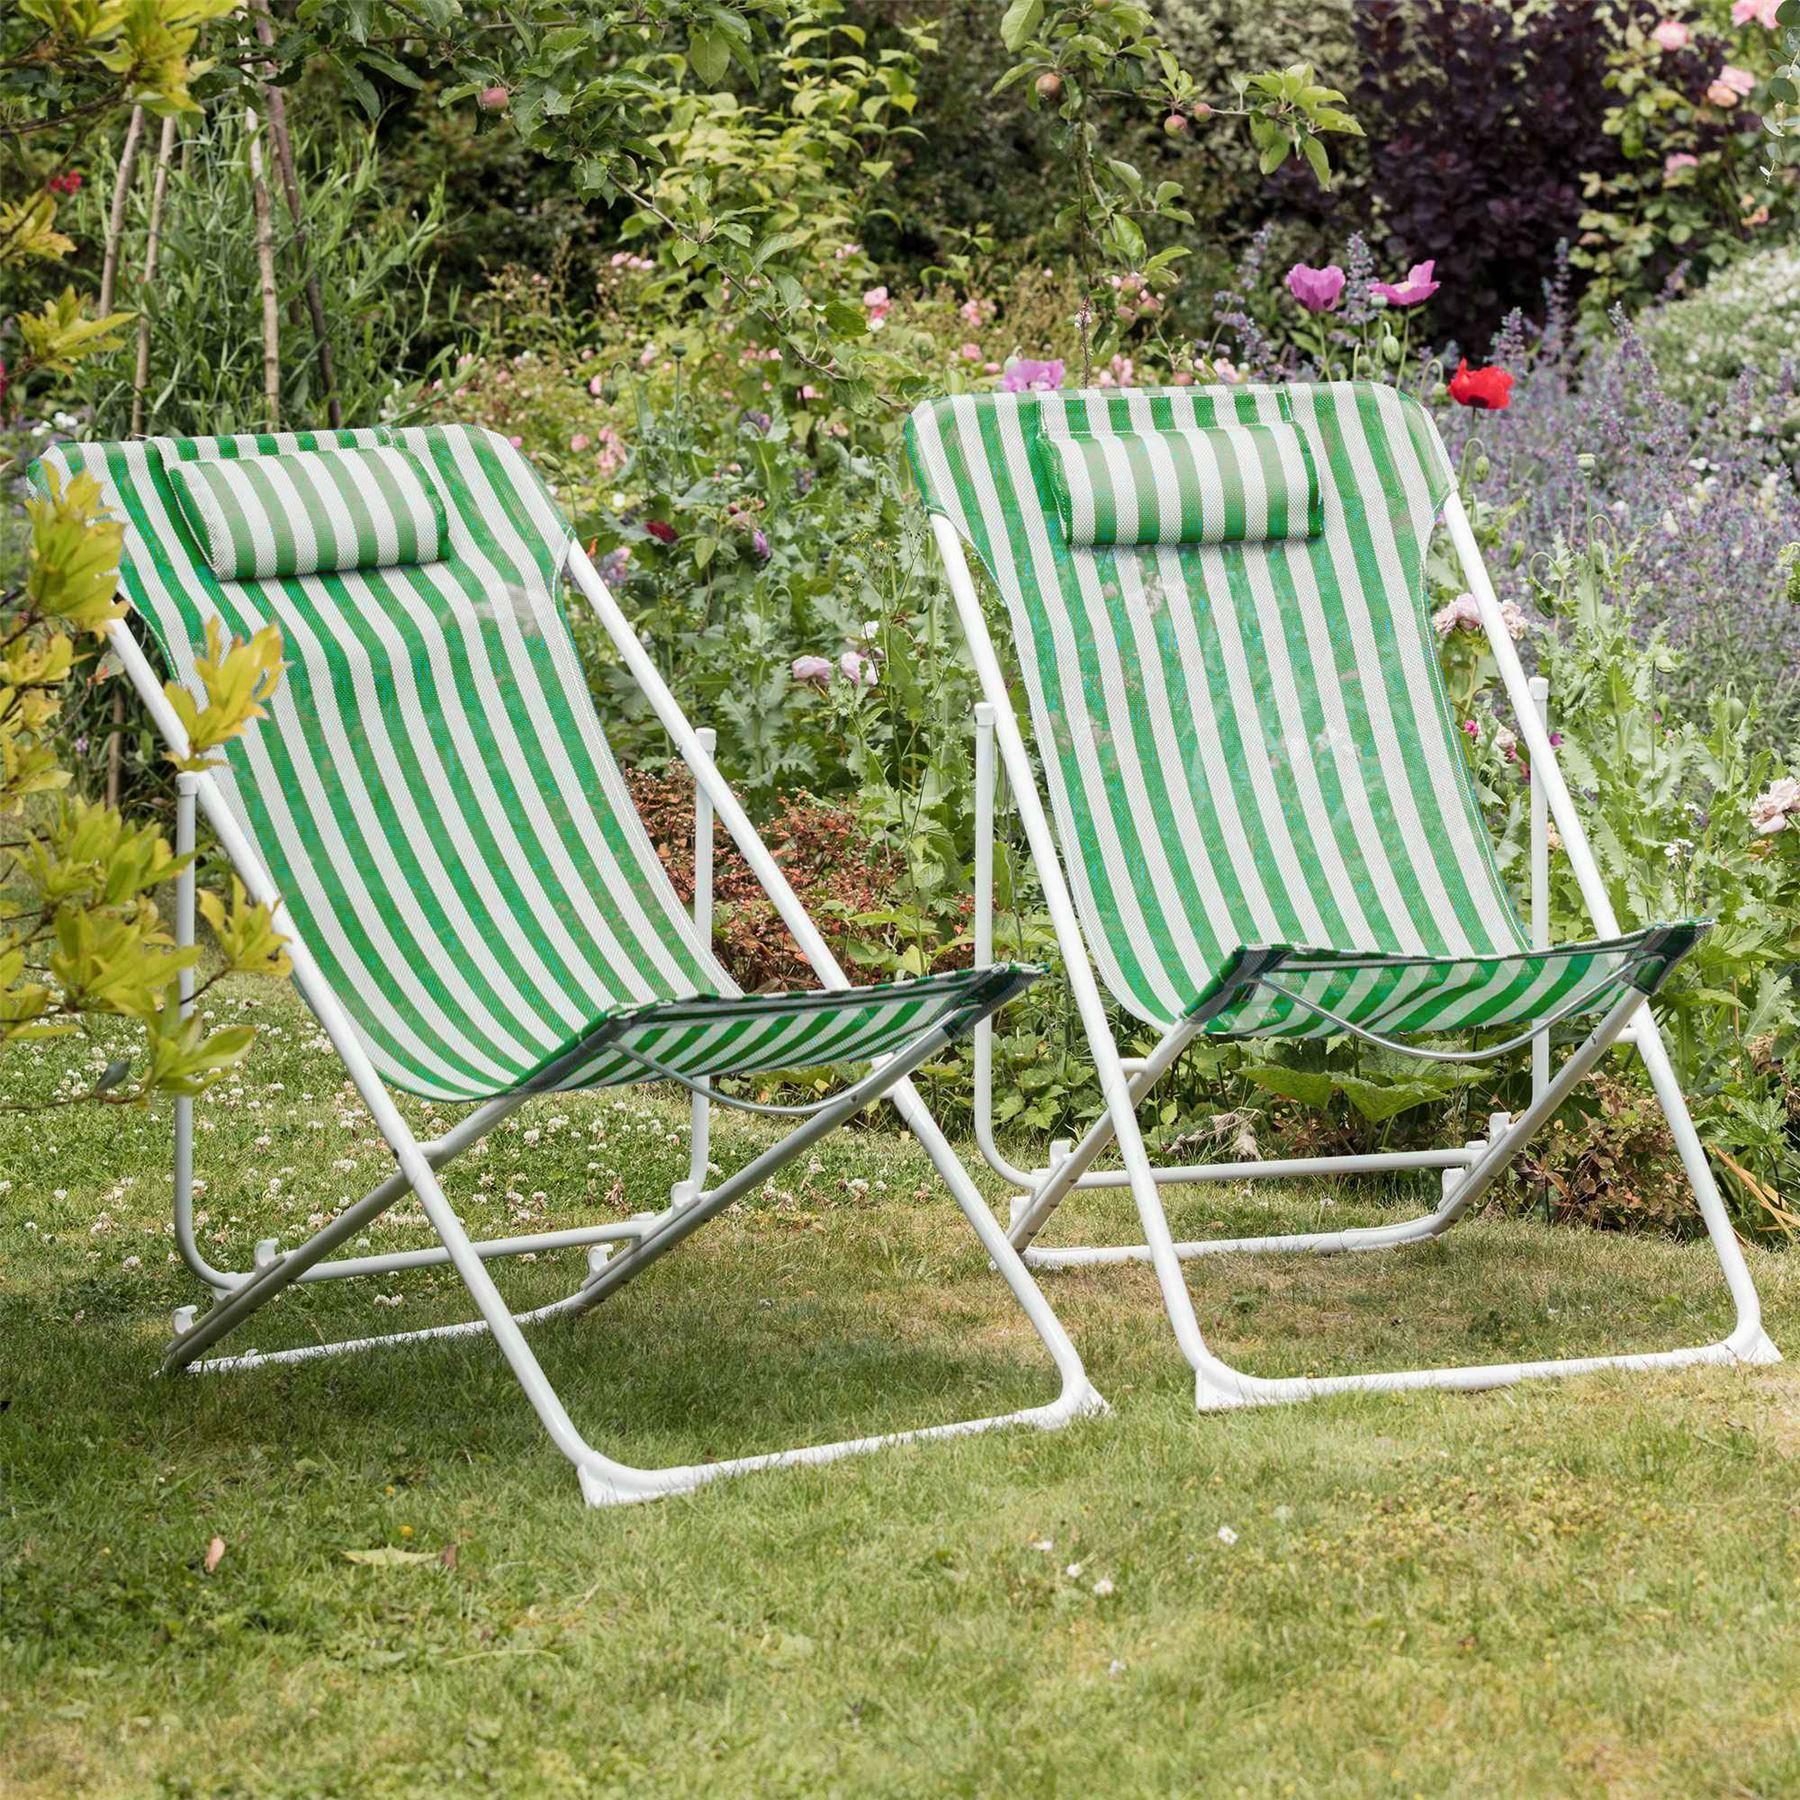 Longue Chaise Pliable Avec Un Cadre Blanches Metallique Rayures Sur Et Détails Vertes HWE2D9IY